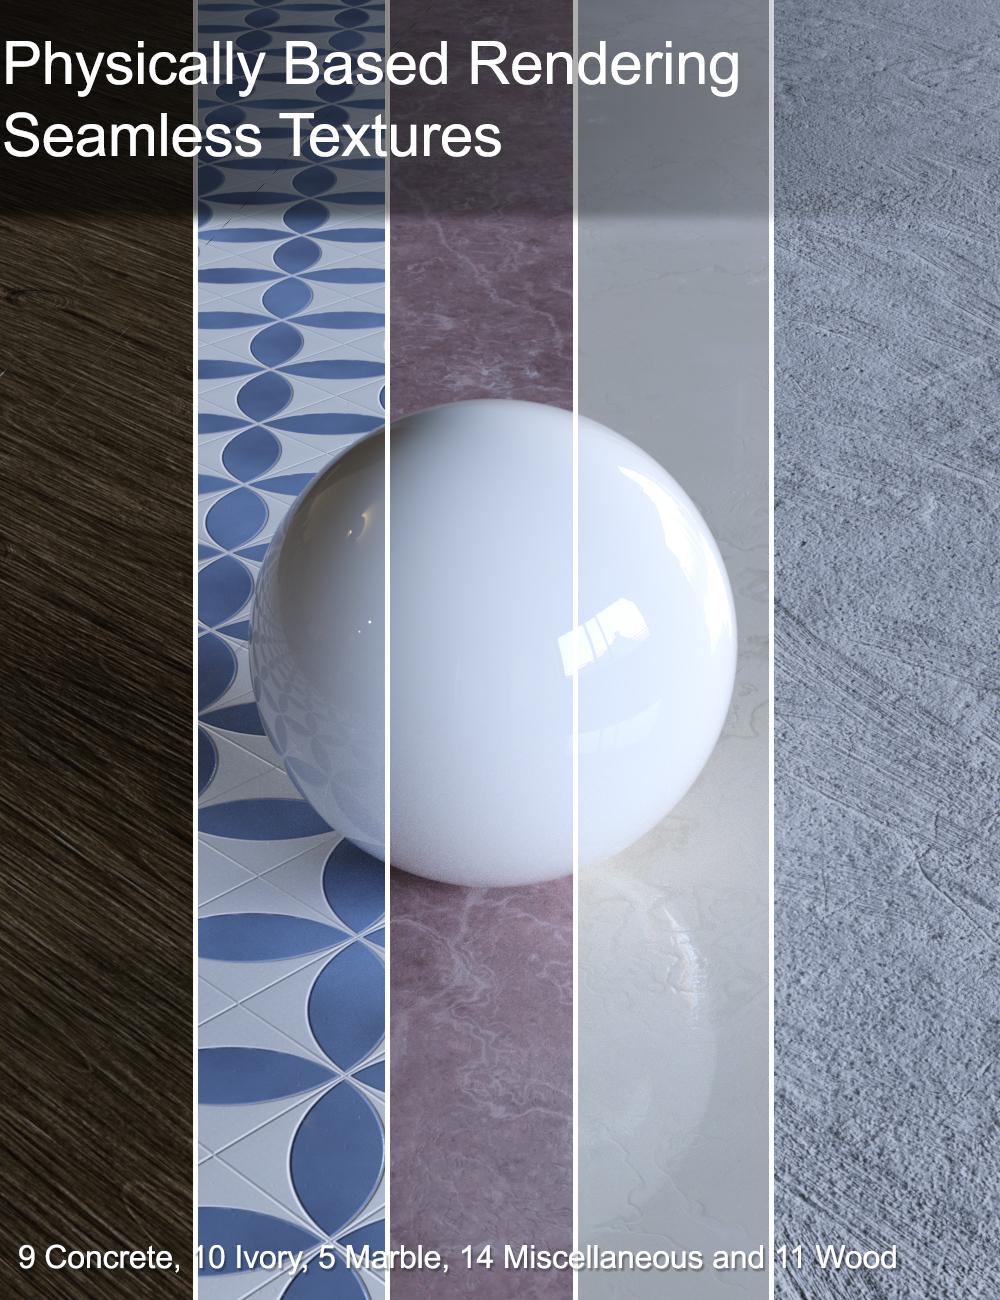 PBR Textures Pack 04 by: dglidden, 3D Models by Daz 3D